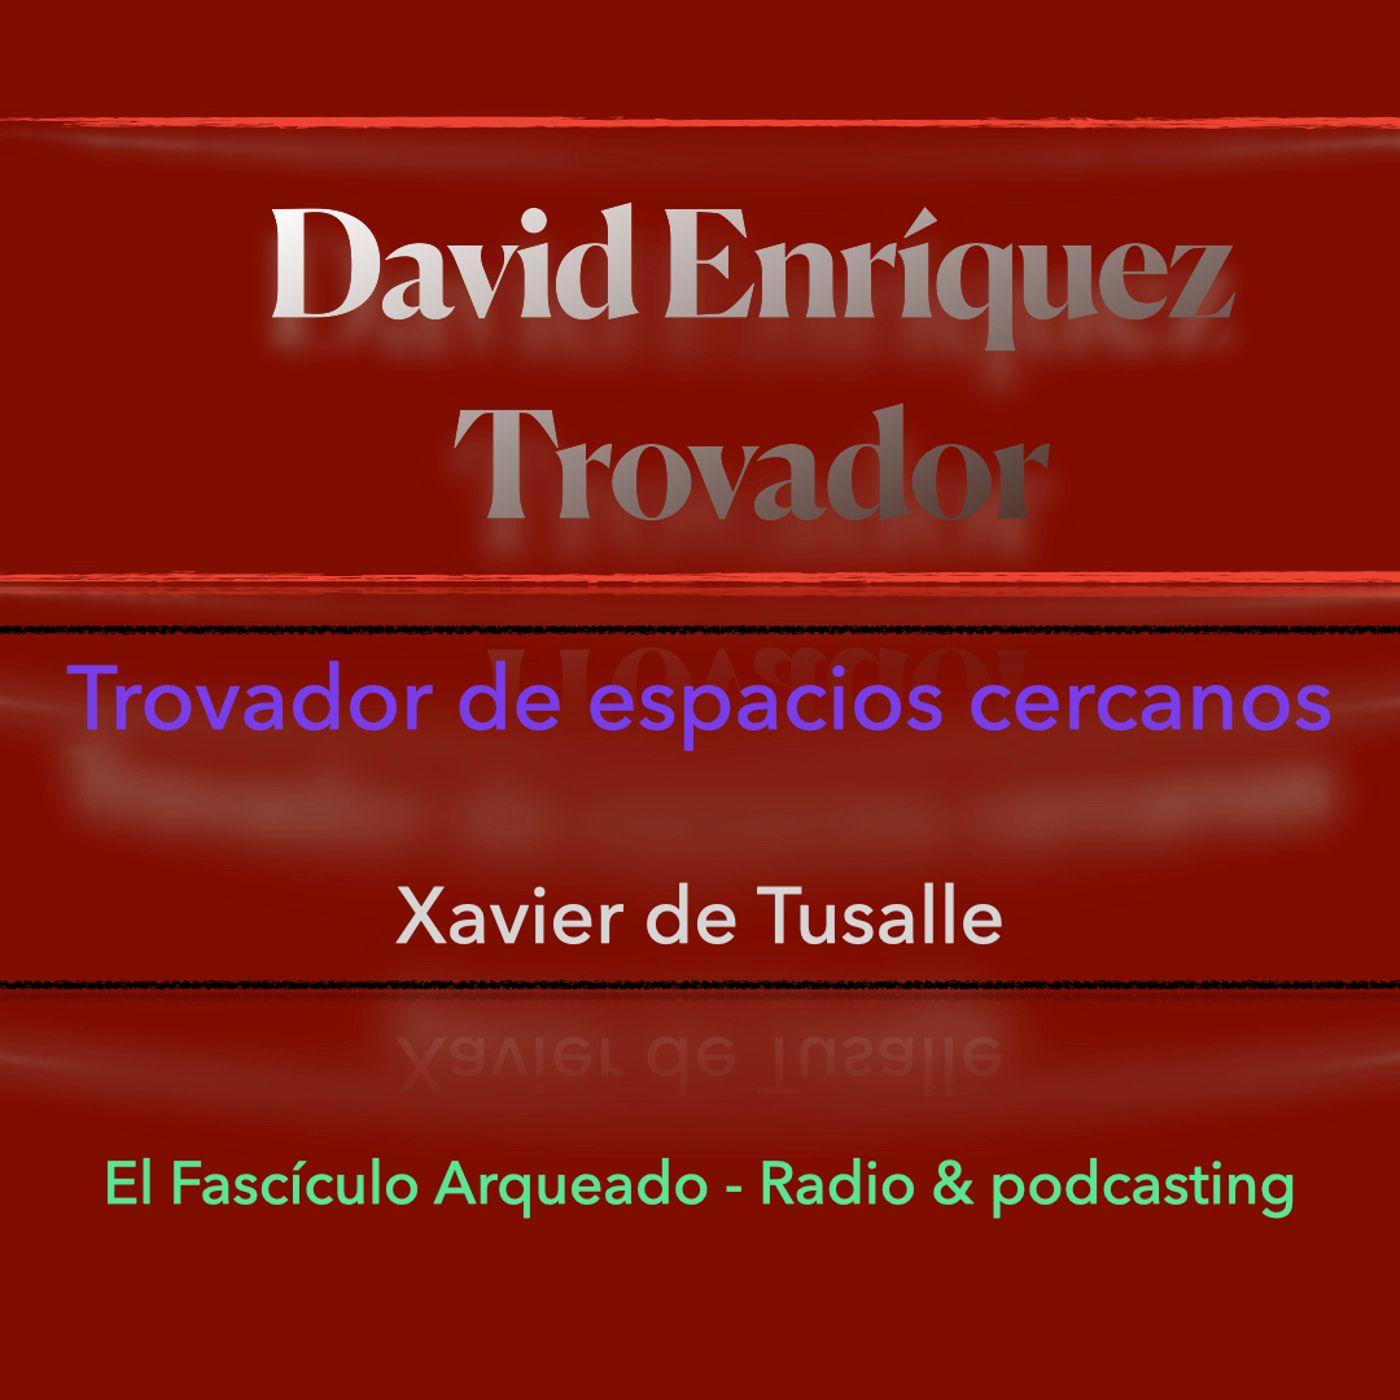 Entrevista a David Enríquez Trovador